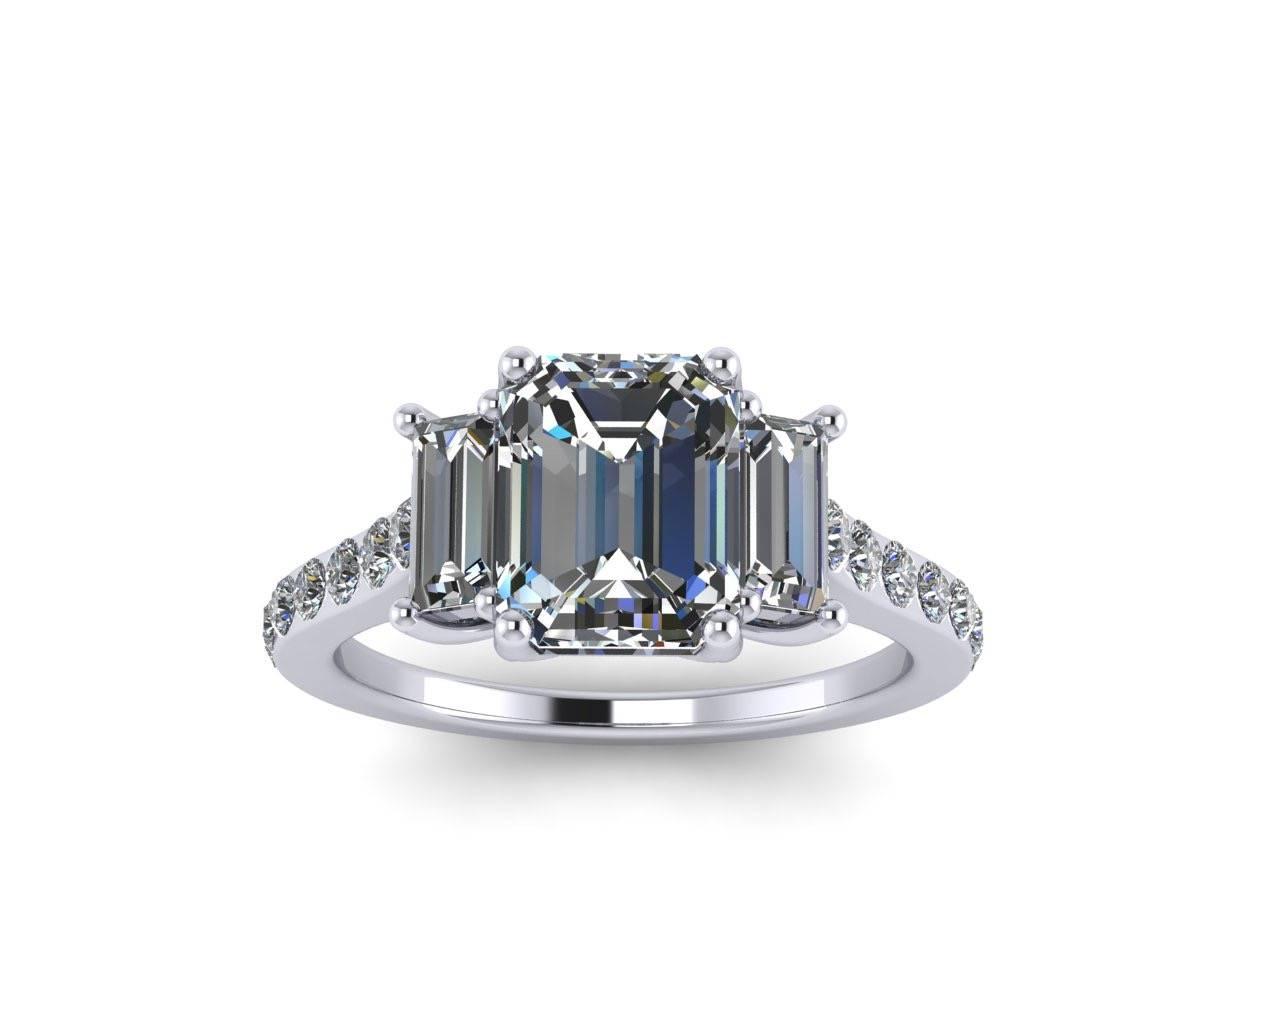 Aayraa jewels - Juwelen - House of Weddings - 4